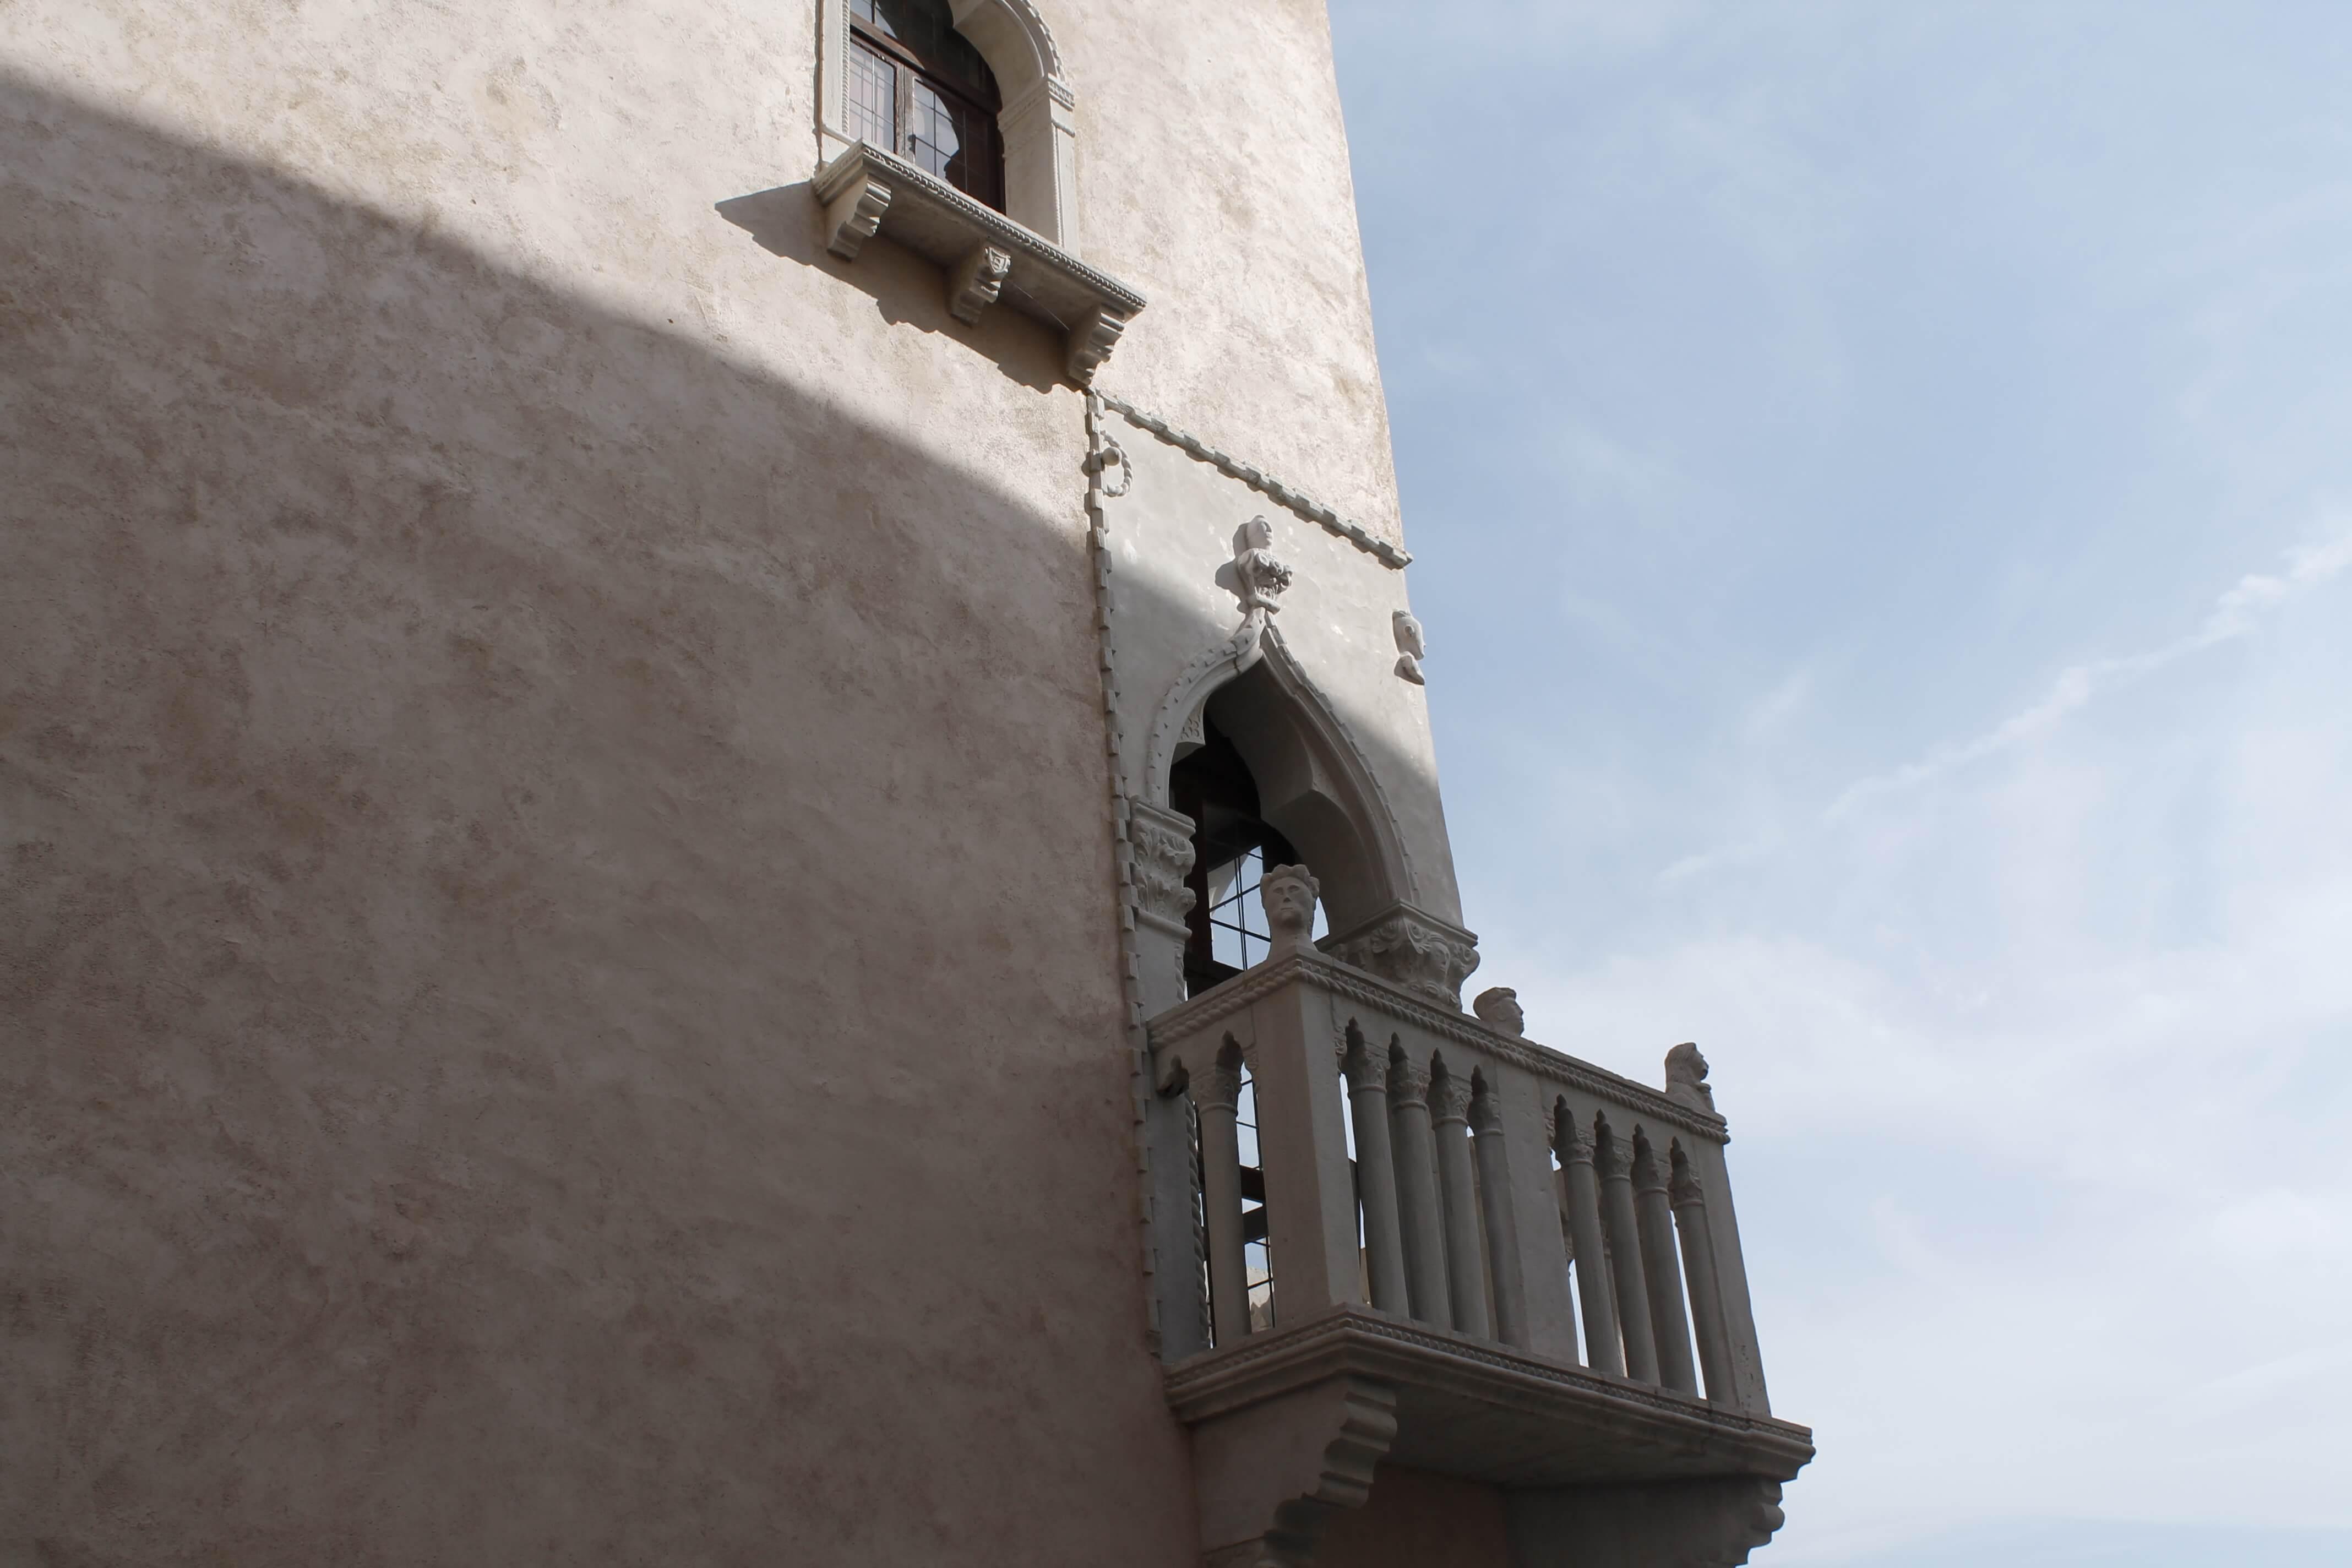 Piran's architecture